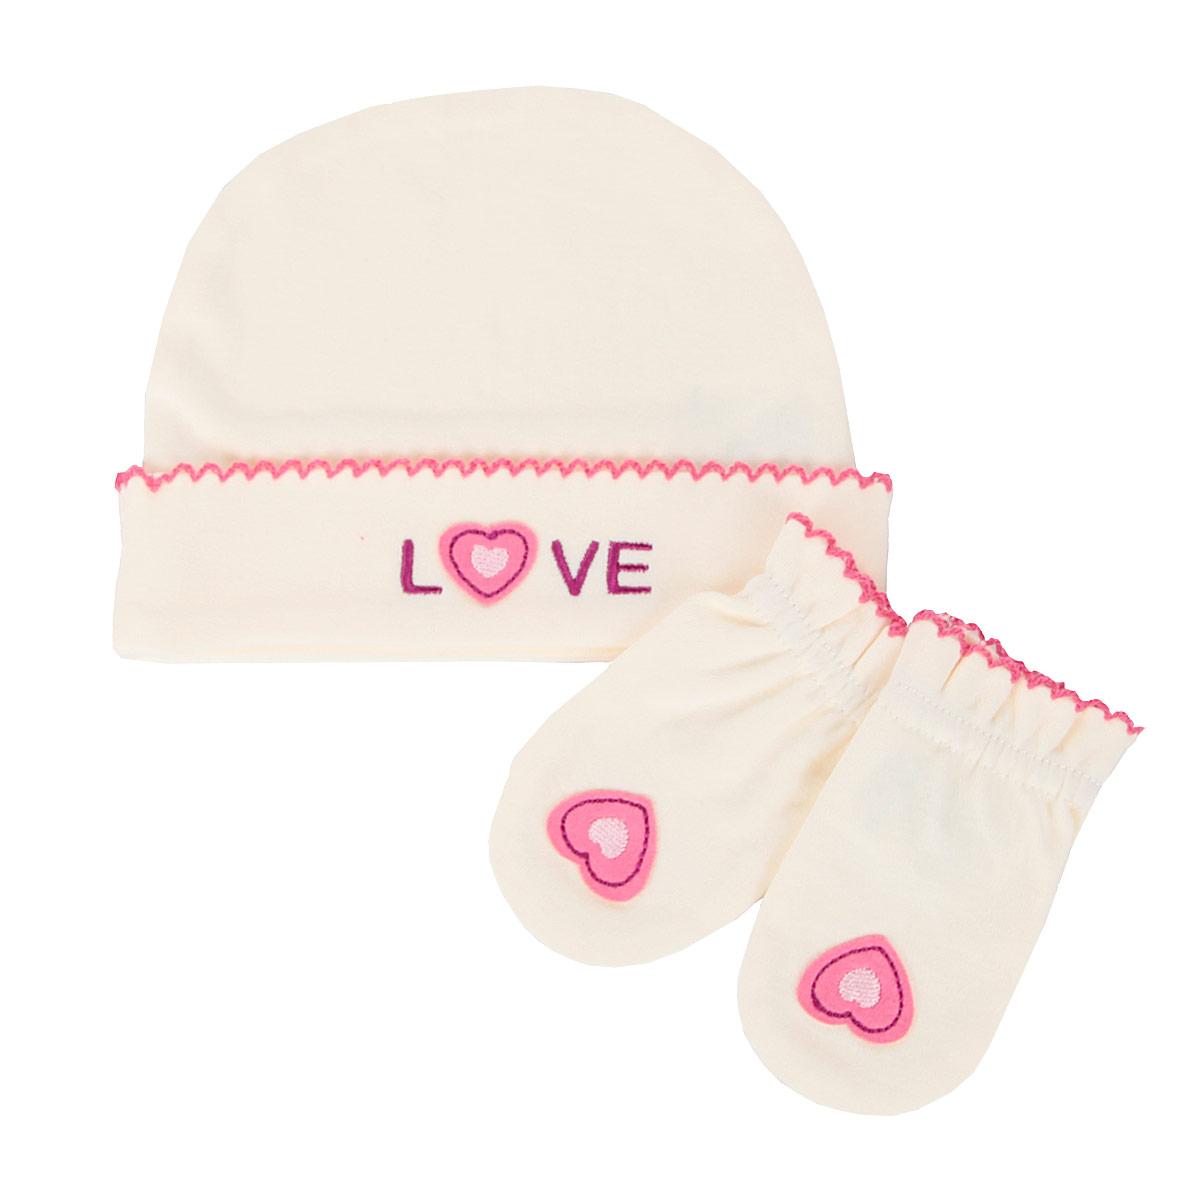 Комплект для девочки Love: шапочка, рукавички. bd20007bd20007Комплект для девочки Babydays Love, состоящий из шапочки и рукавичек, идеально подойдет для вашей малышки. Плотный трикотажный материал (210 г/м) из натурального хлопка делает изделия качественными, прочными и износостойкими. Ткань хорошо впитывает влагу и обеспечивает проникновение кислорода к телу малышки через одежду. Ткань не линяет, не теряет своей яркости после многочисленных стирок. Шапочка с отворотом оформлена аппликацией в виде надписи Love и украшена ажурными петельками. Рукавички обеспечат вашему младенцу комфорт во время сна и бодрствования, предохраняя его нежную кожу от расцарапывания. Рукавички присборены на эластичные резинки. Оформлены изделия аппликацией в виде сердечка и украшены ажурными петельками. В таком комплекте ваш ребенок всегда будет в центре внимания.